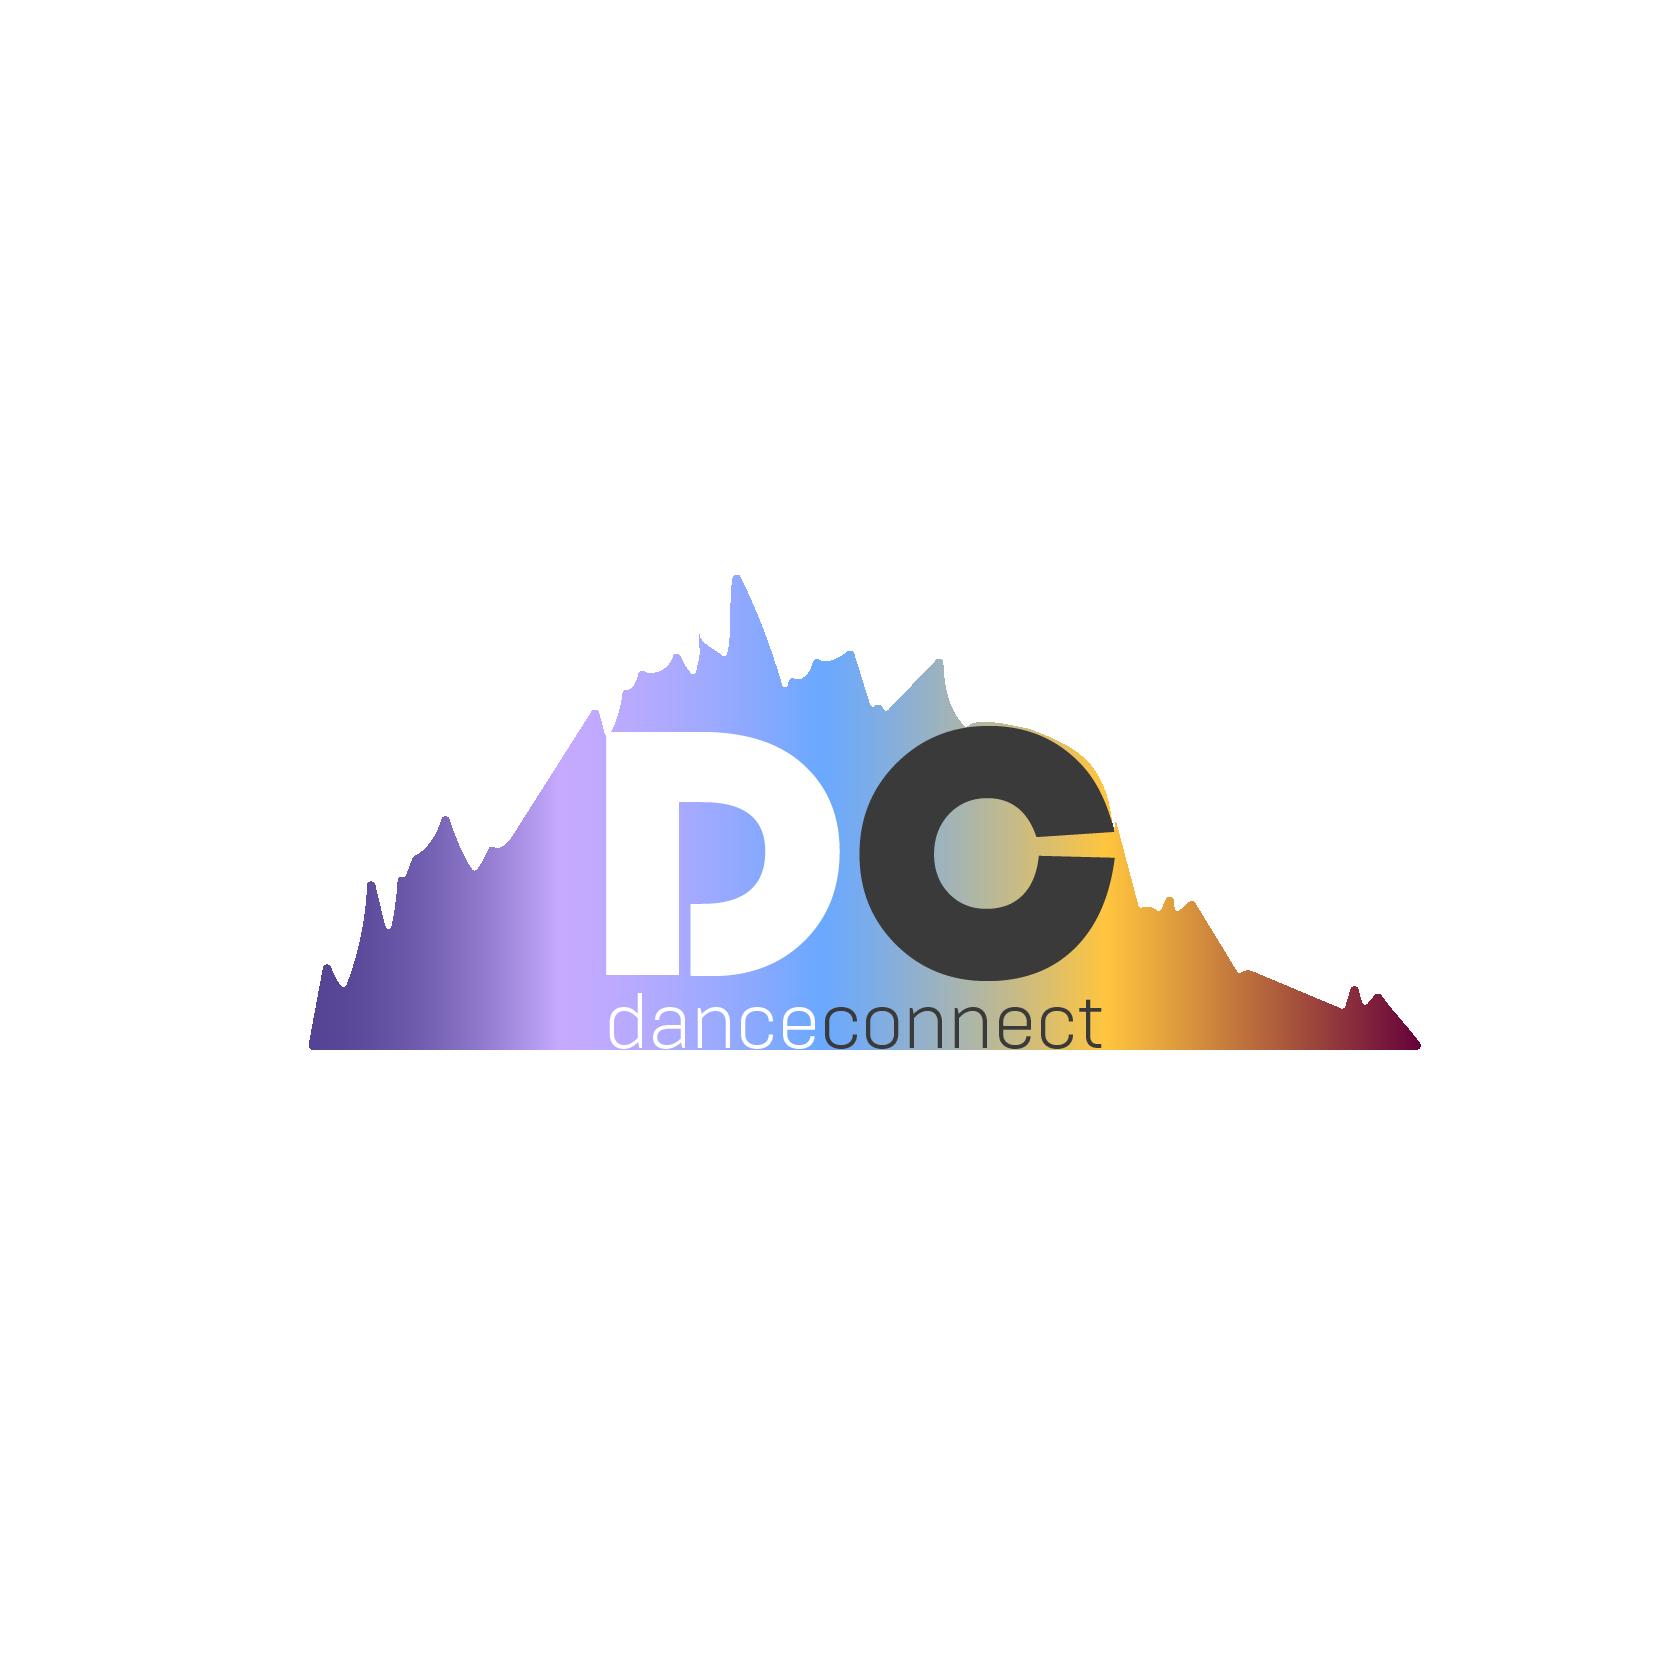 Разработка лого для спортивного портала www.danceconnect.ru фото f_4935b3e7ed15cd29.png